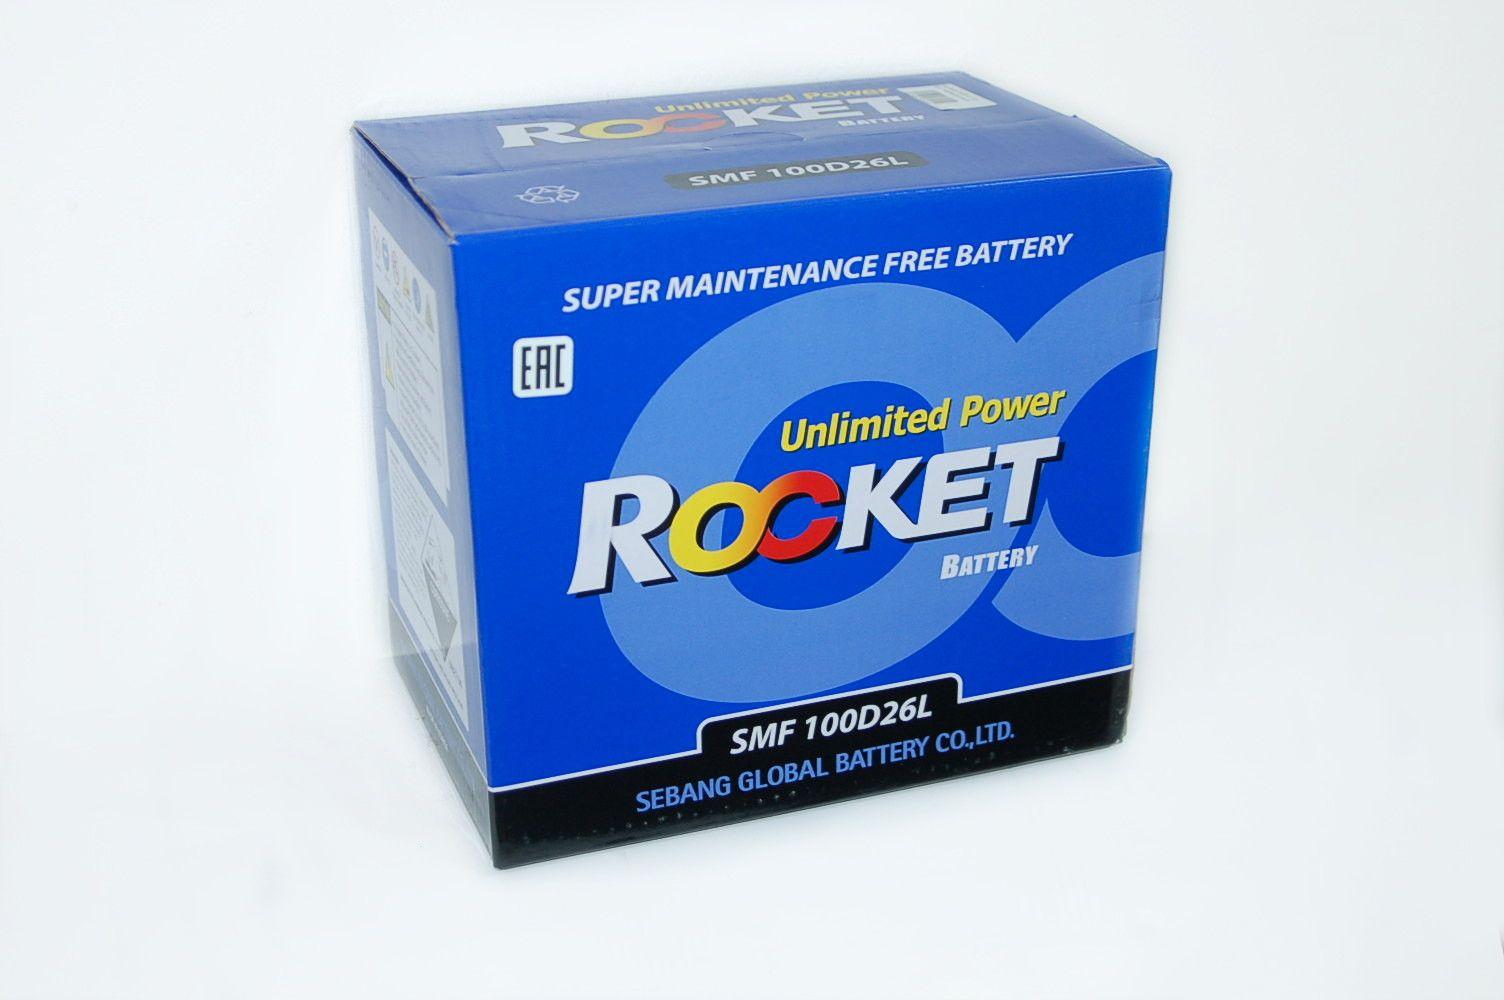 Rocket 100D26L